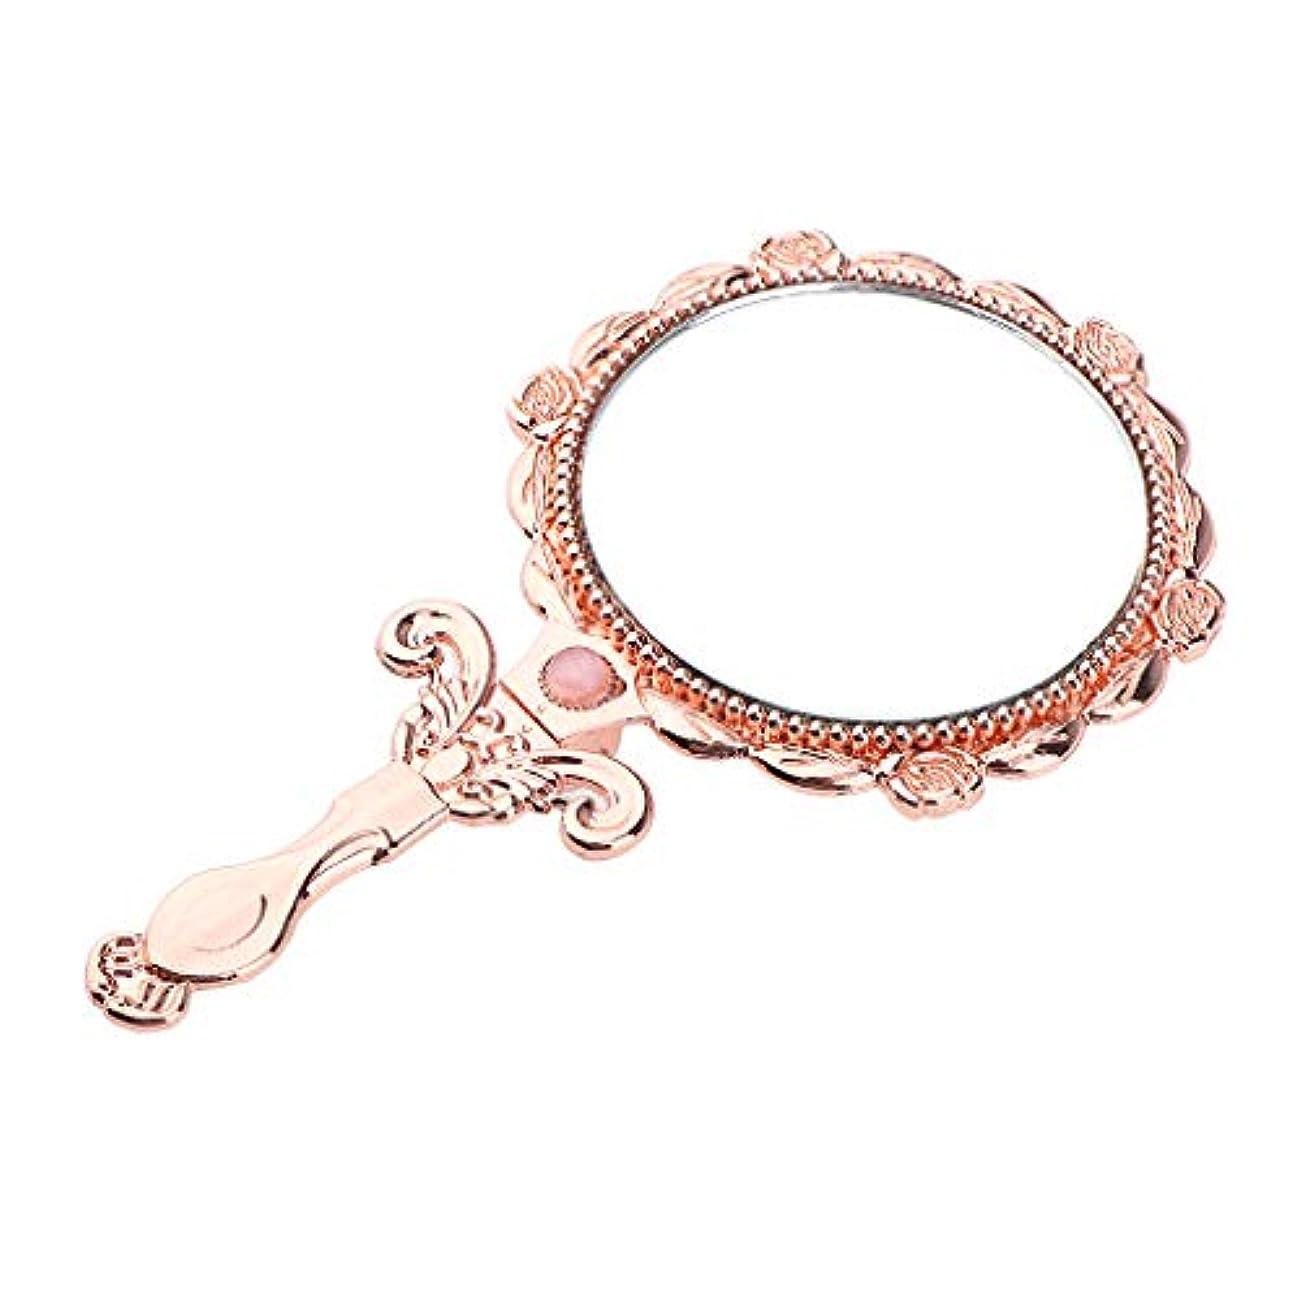 模索プレート着服メイクアップミラー 折りたたみ 化粧鏡 手鏡 軽量 ポータブル 3色選べ - ローズゴールド